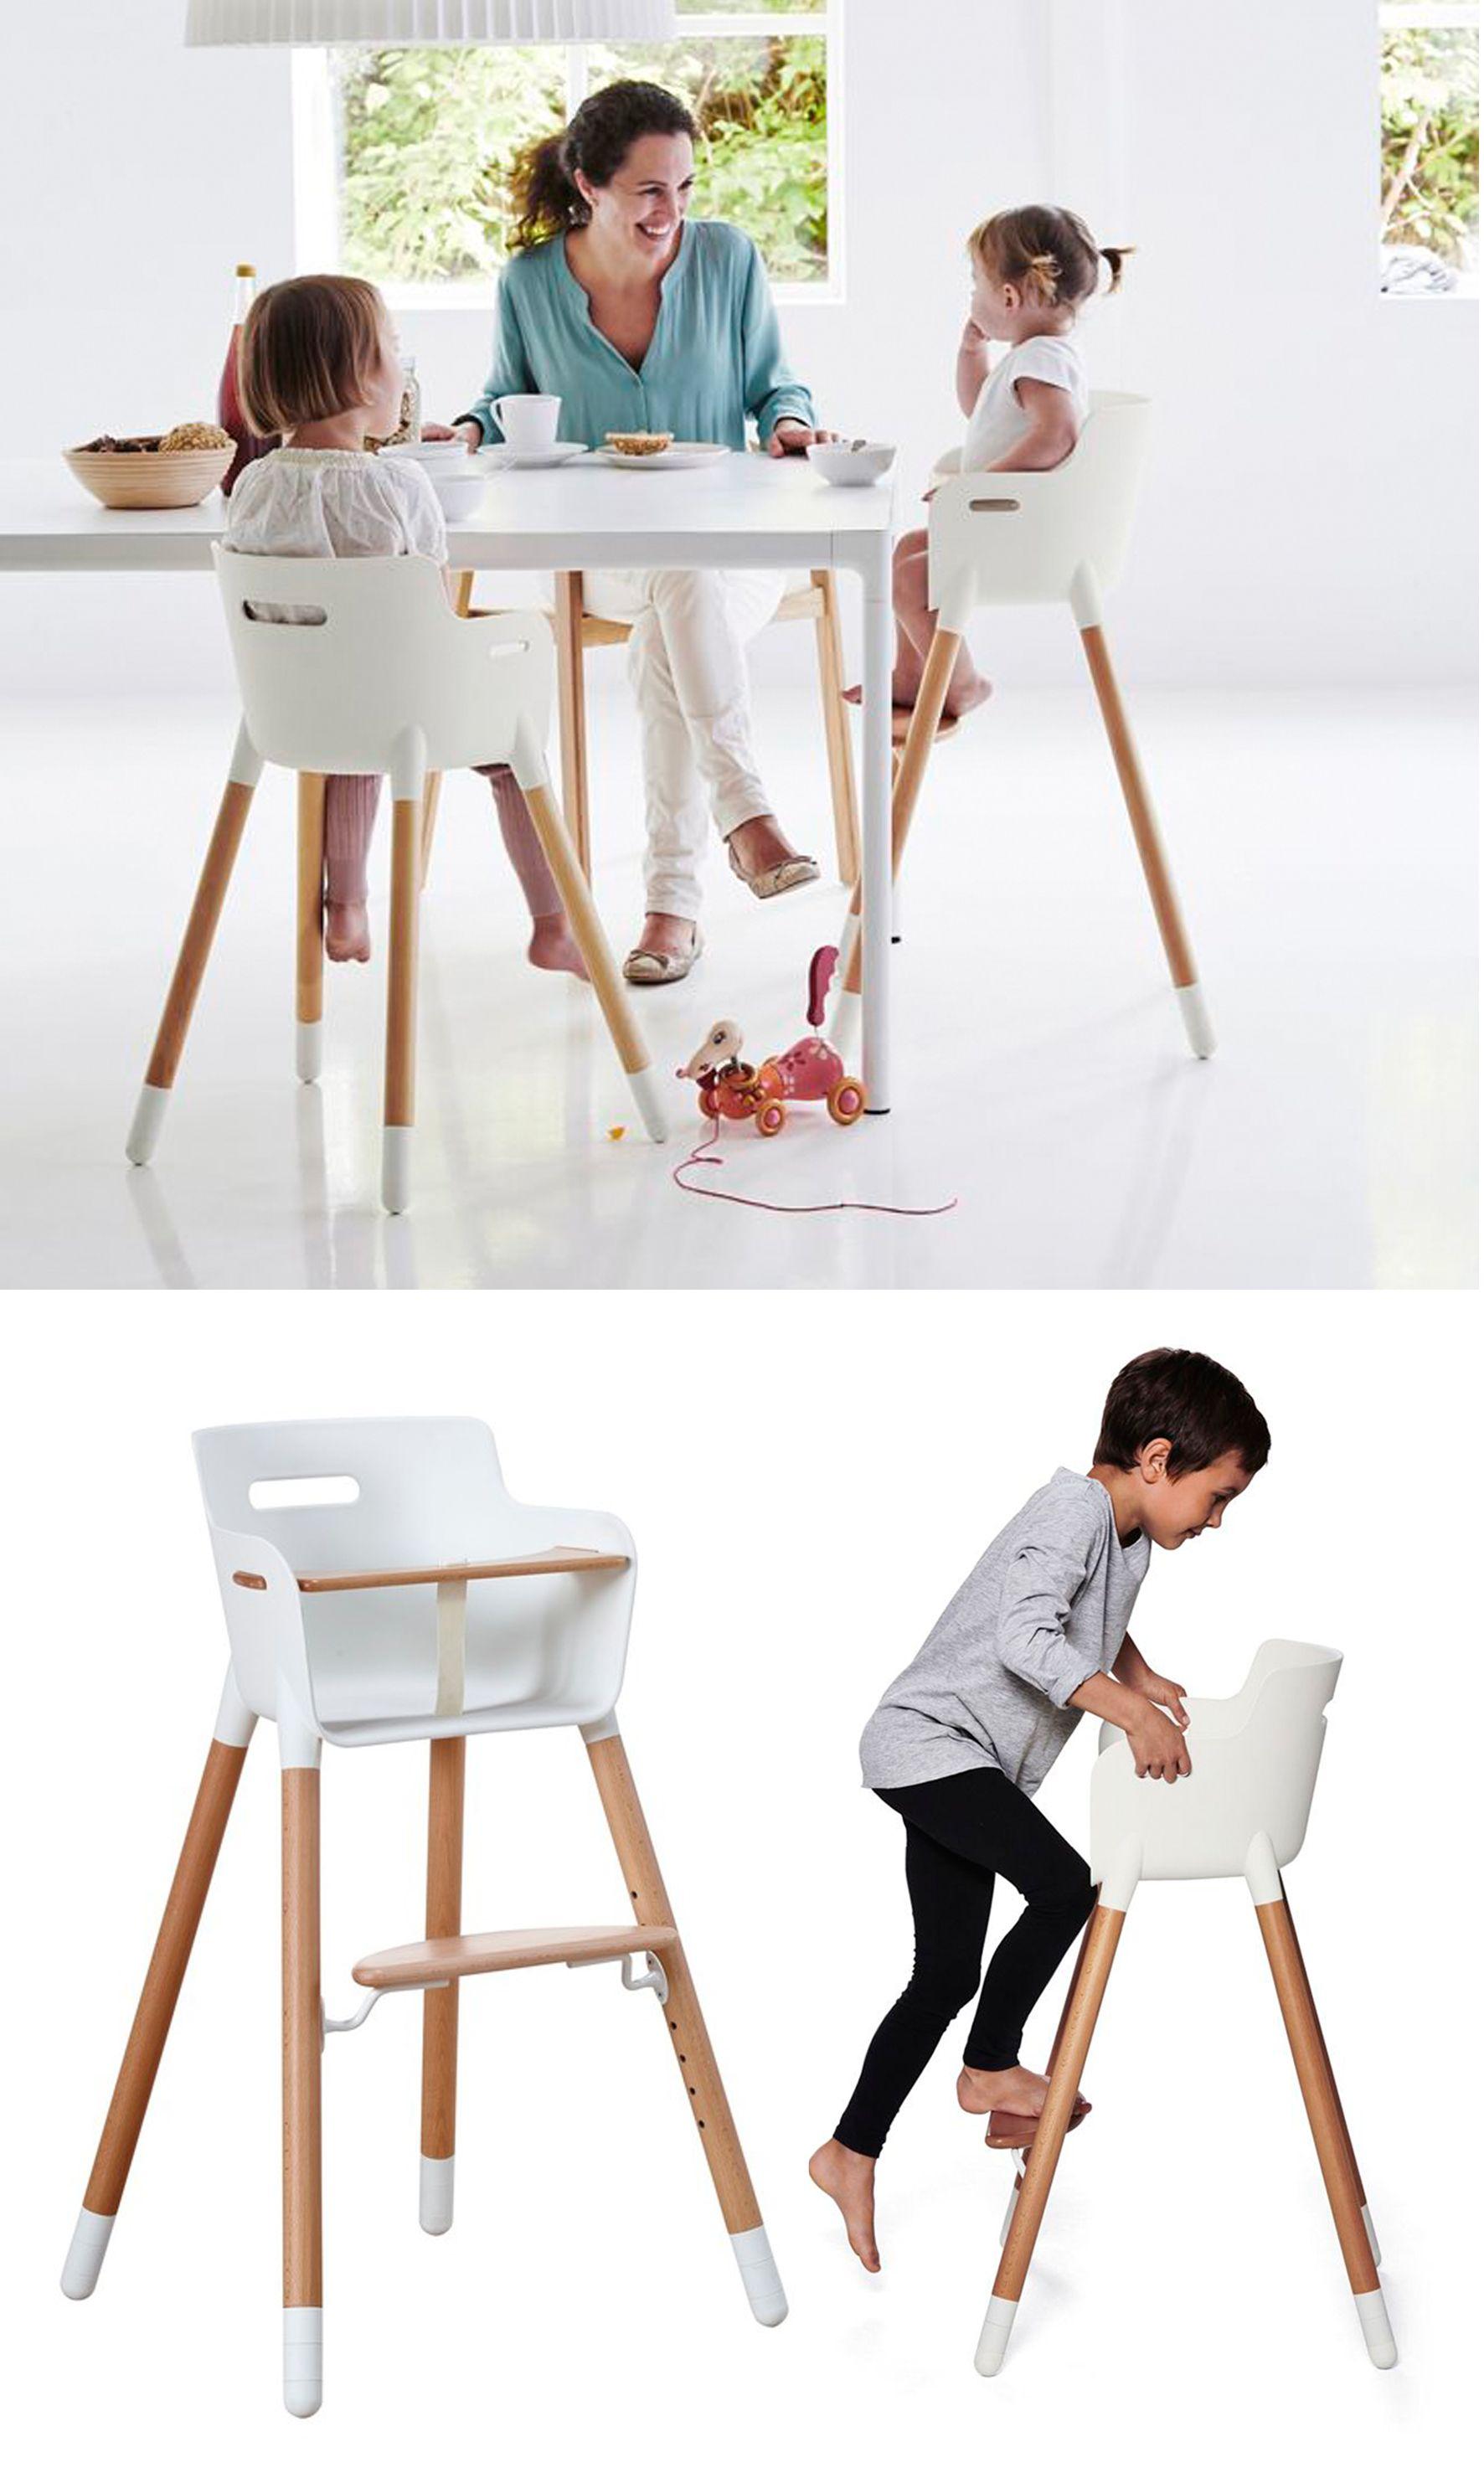 Baby In Kinderstoel.De Deense Flexa Baby Kinderstoel Is In 2013 Bekroond Met De